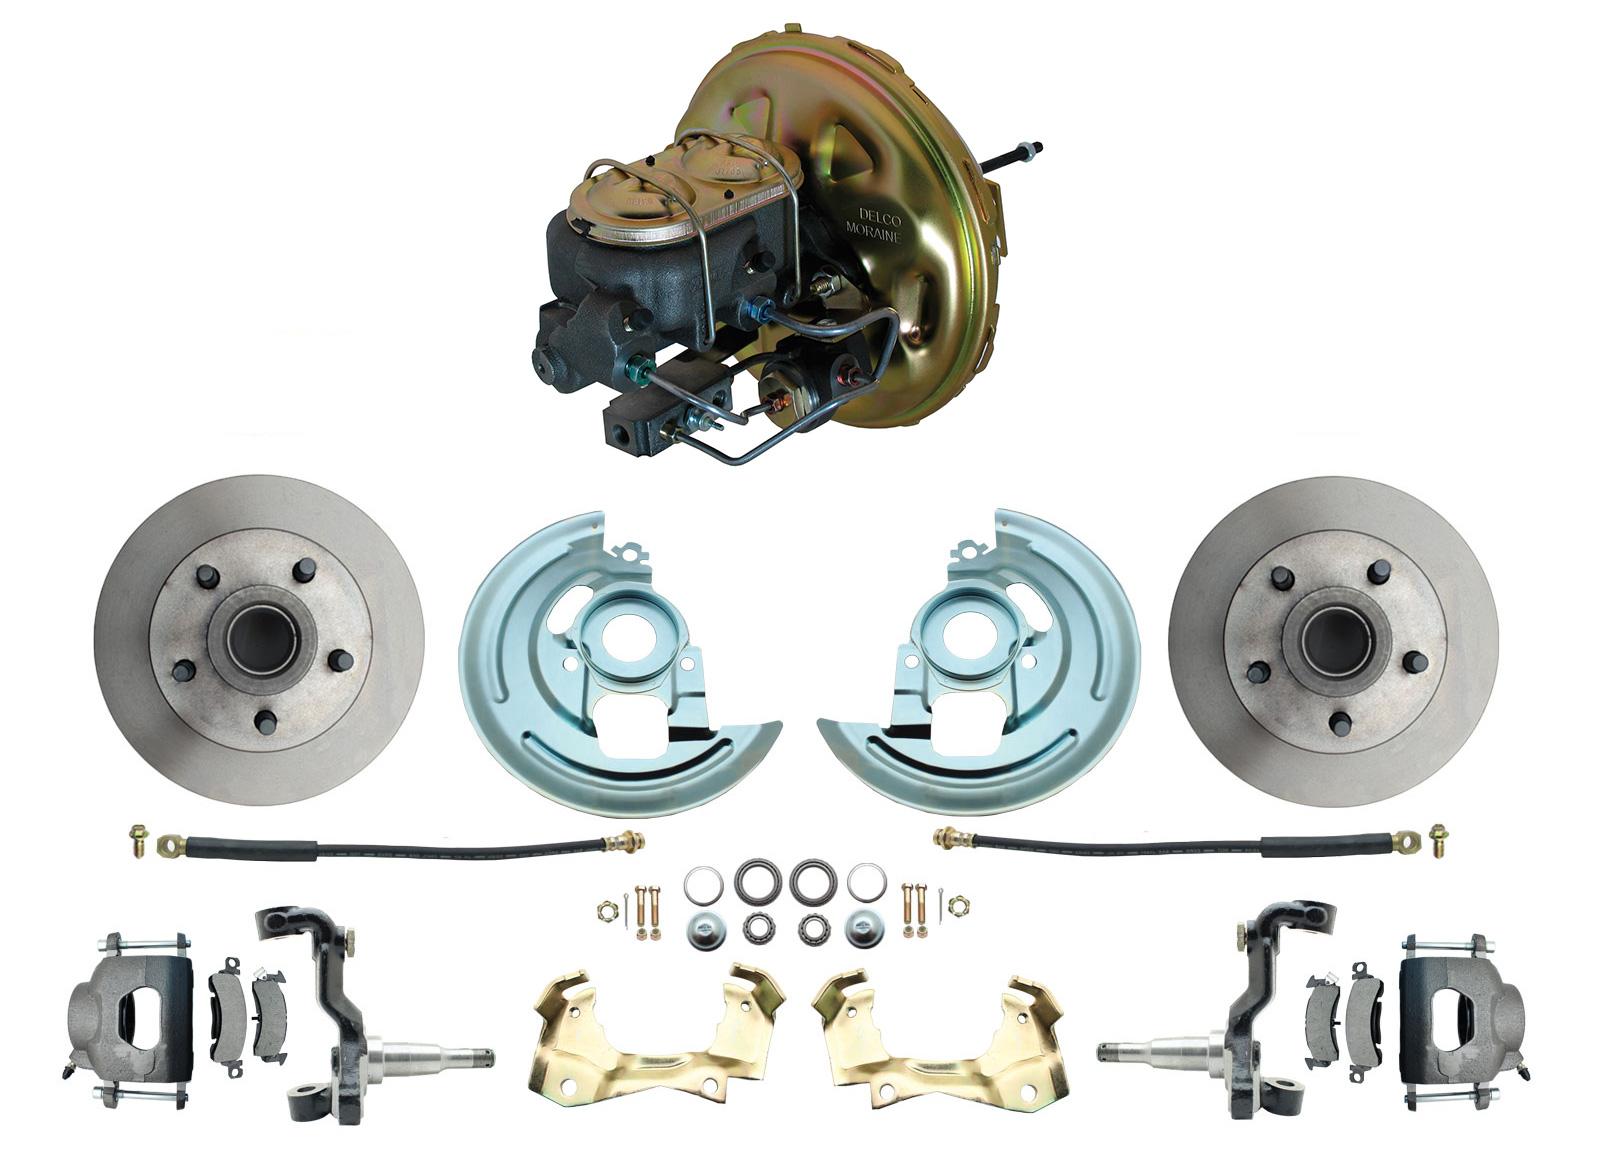 1967-1969 F Body 1968-1974 X Body Front Power Disc Brake Conversion Kit Standard Rotors W/ O.E.M. Booster Kit